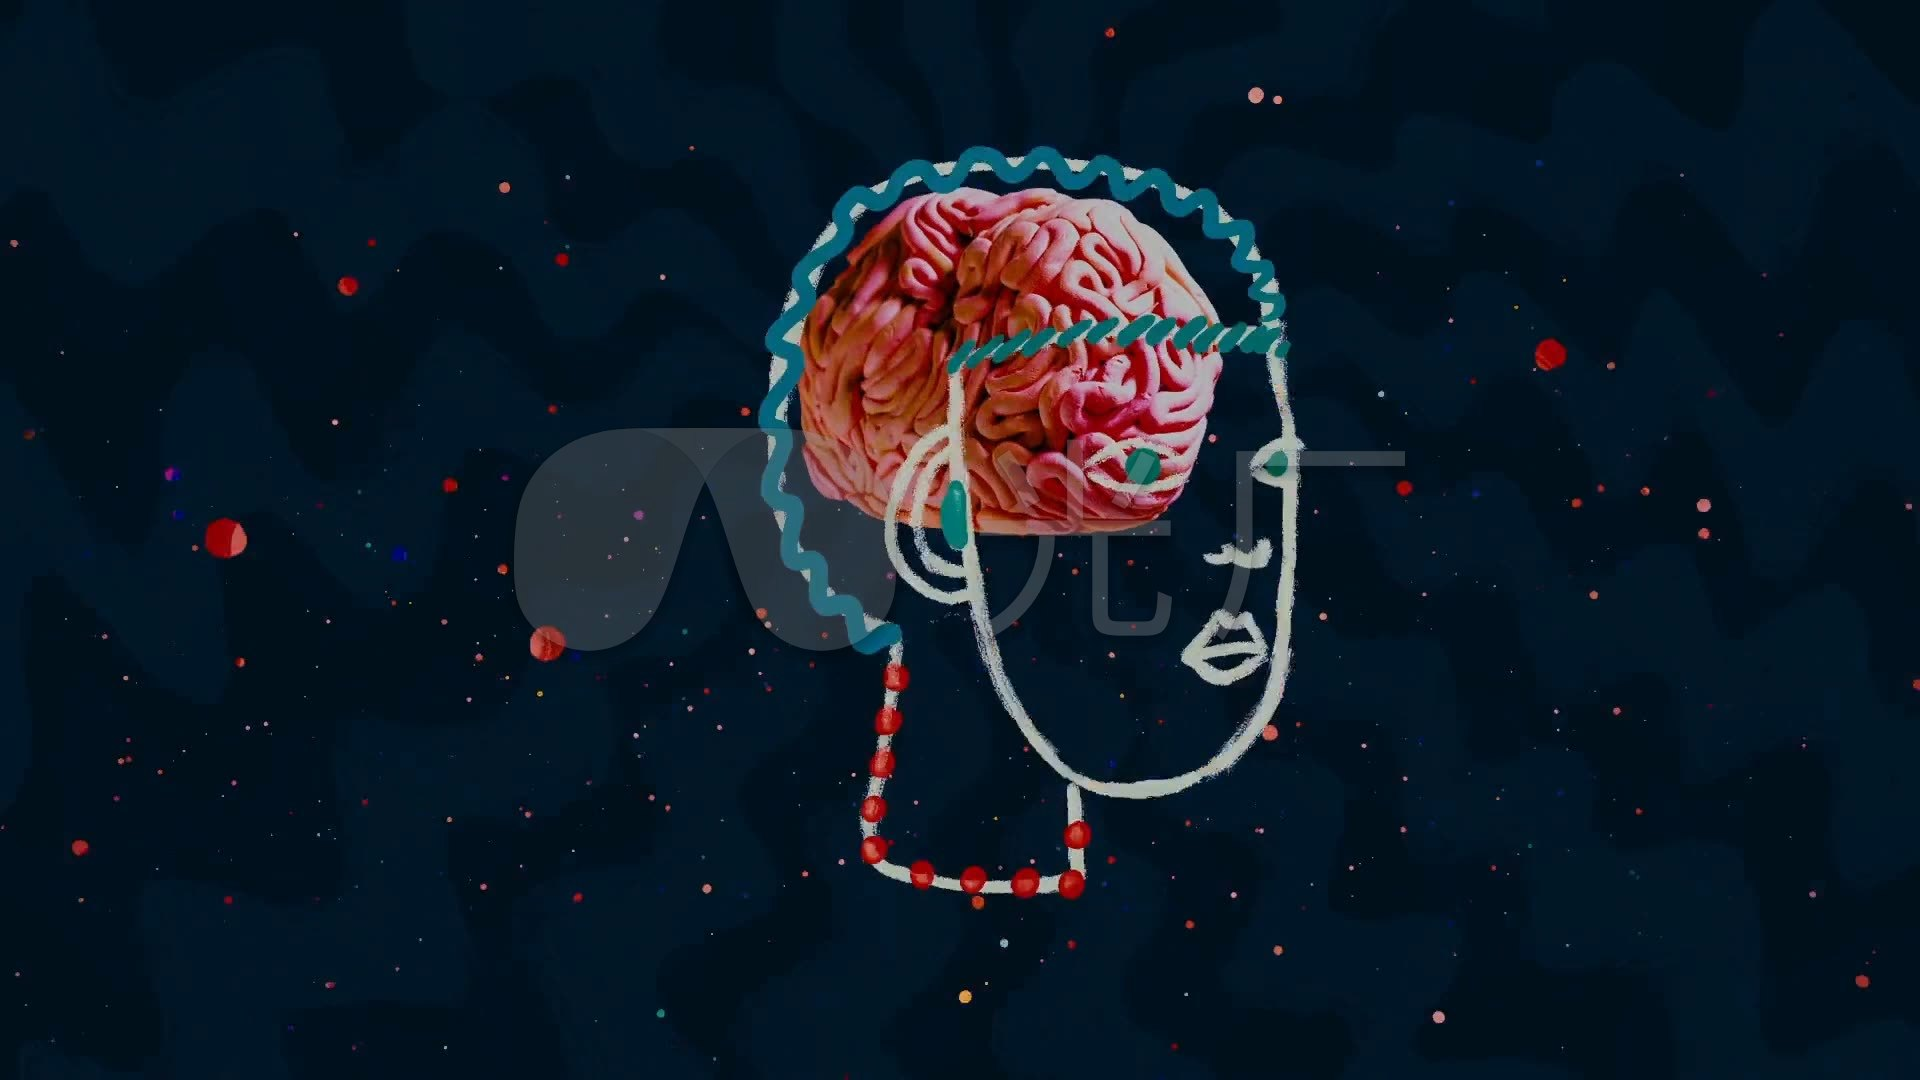 抽象大脑人头像素材